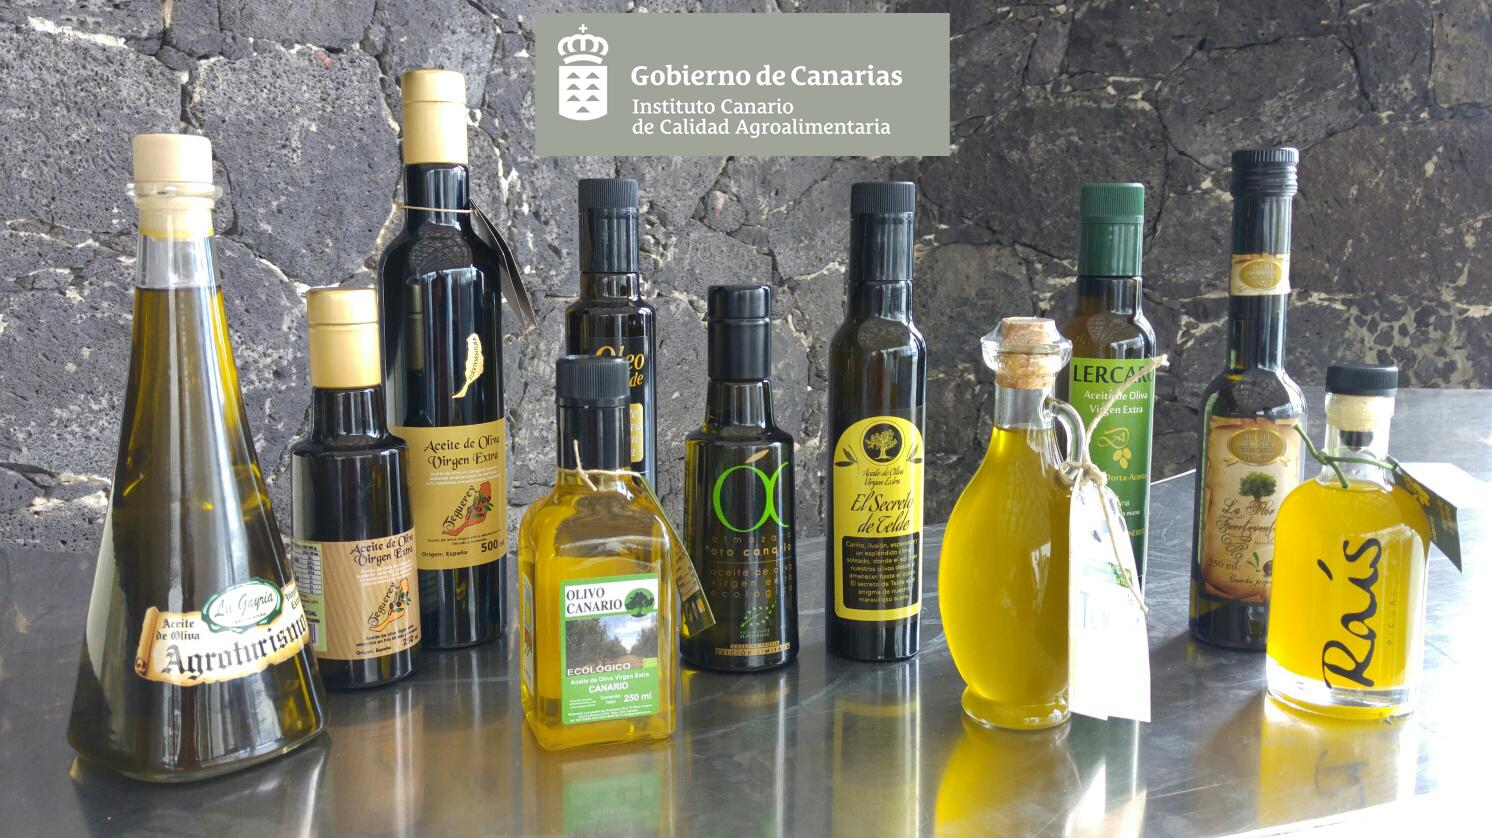 Concurso Agrocanarias 2017 de Aceite de Oliva Virgen Extra